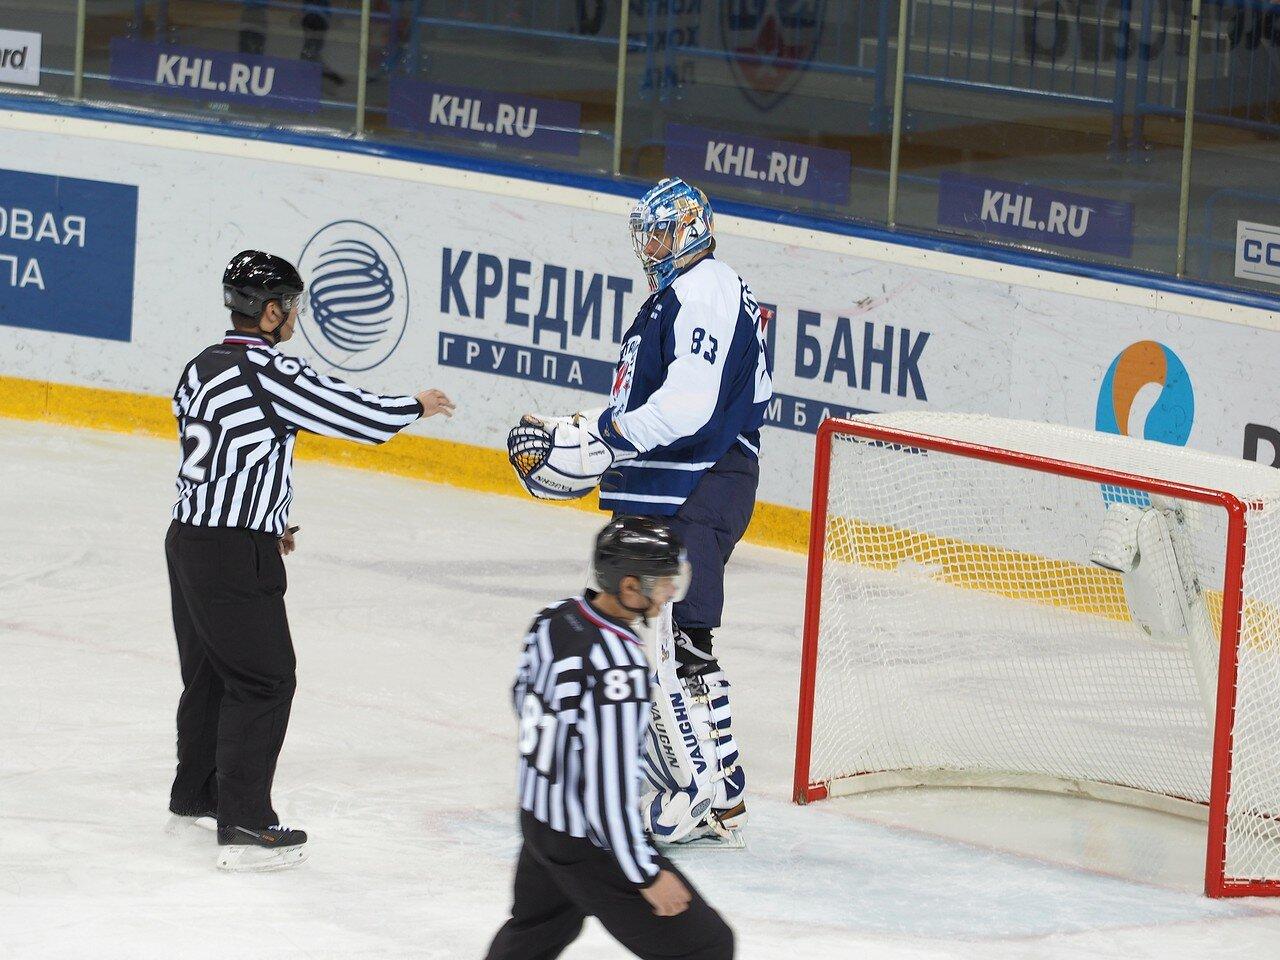 10Металлург - Cпартак 26.12.2015